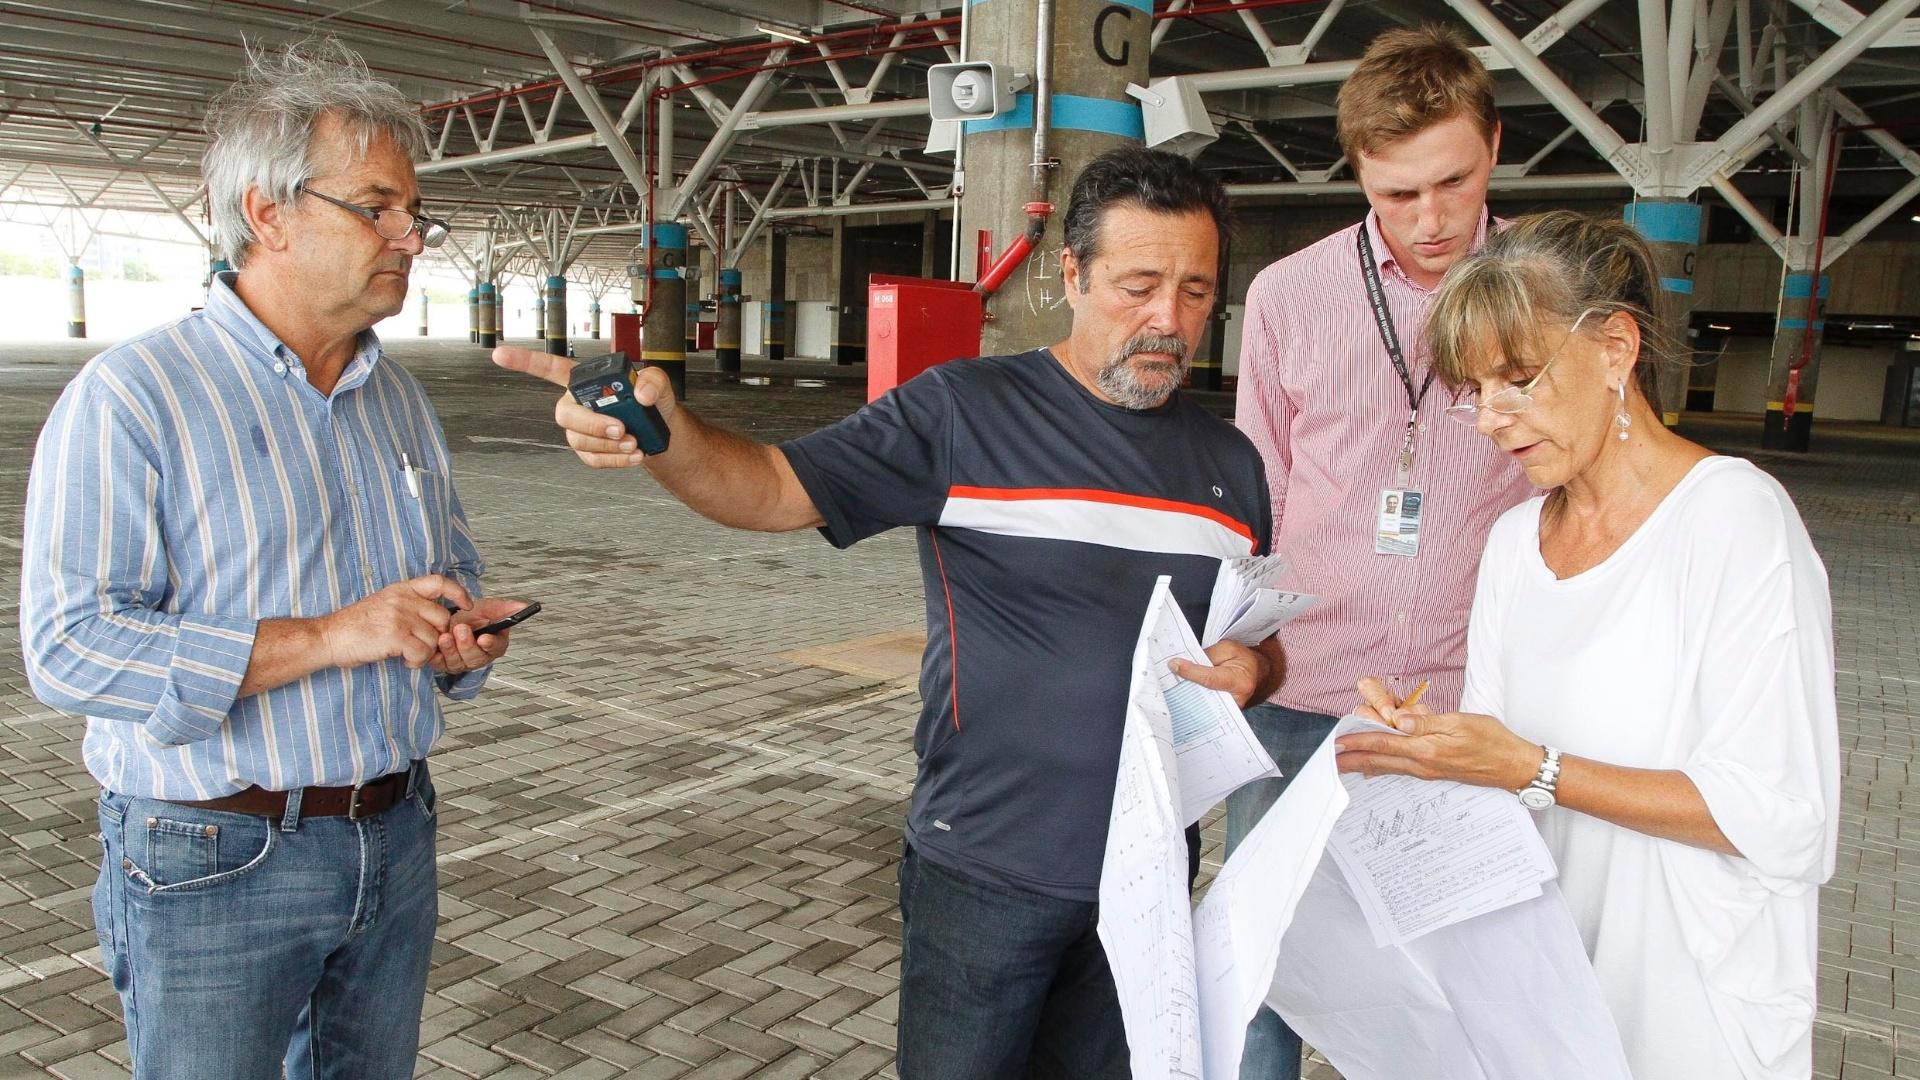 Técnicos da Secretaria de Urbanismo de Porto Alegre vistoriaram a Arena do Grêmio (21/02/2013)